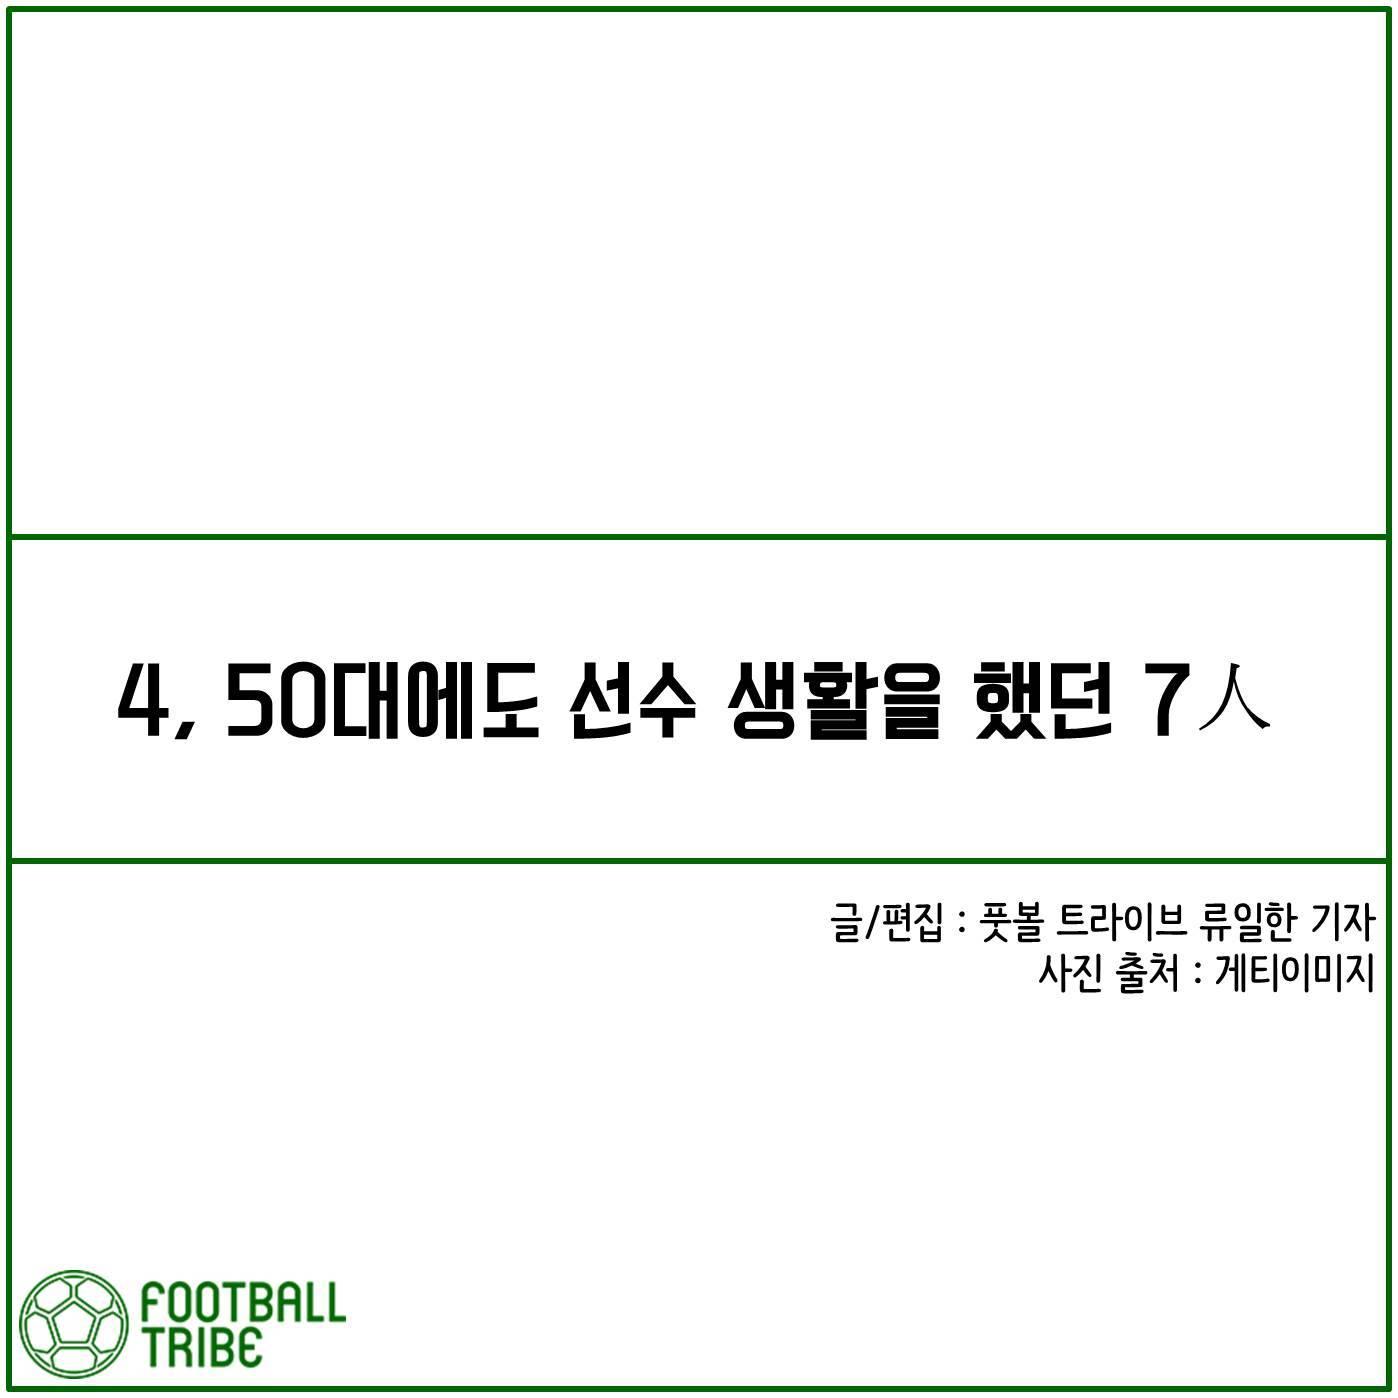 [카드 뉴스] 4, 50대에도 선수 생활을 했던 7人